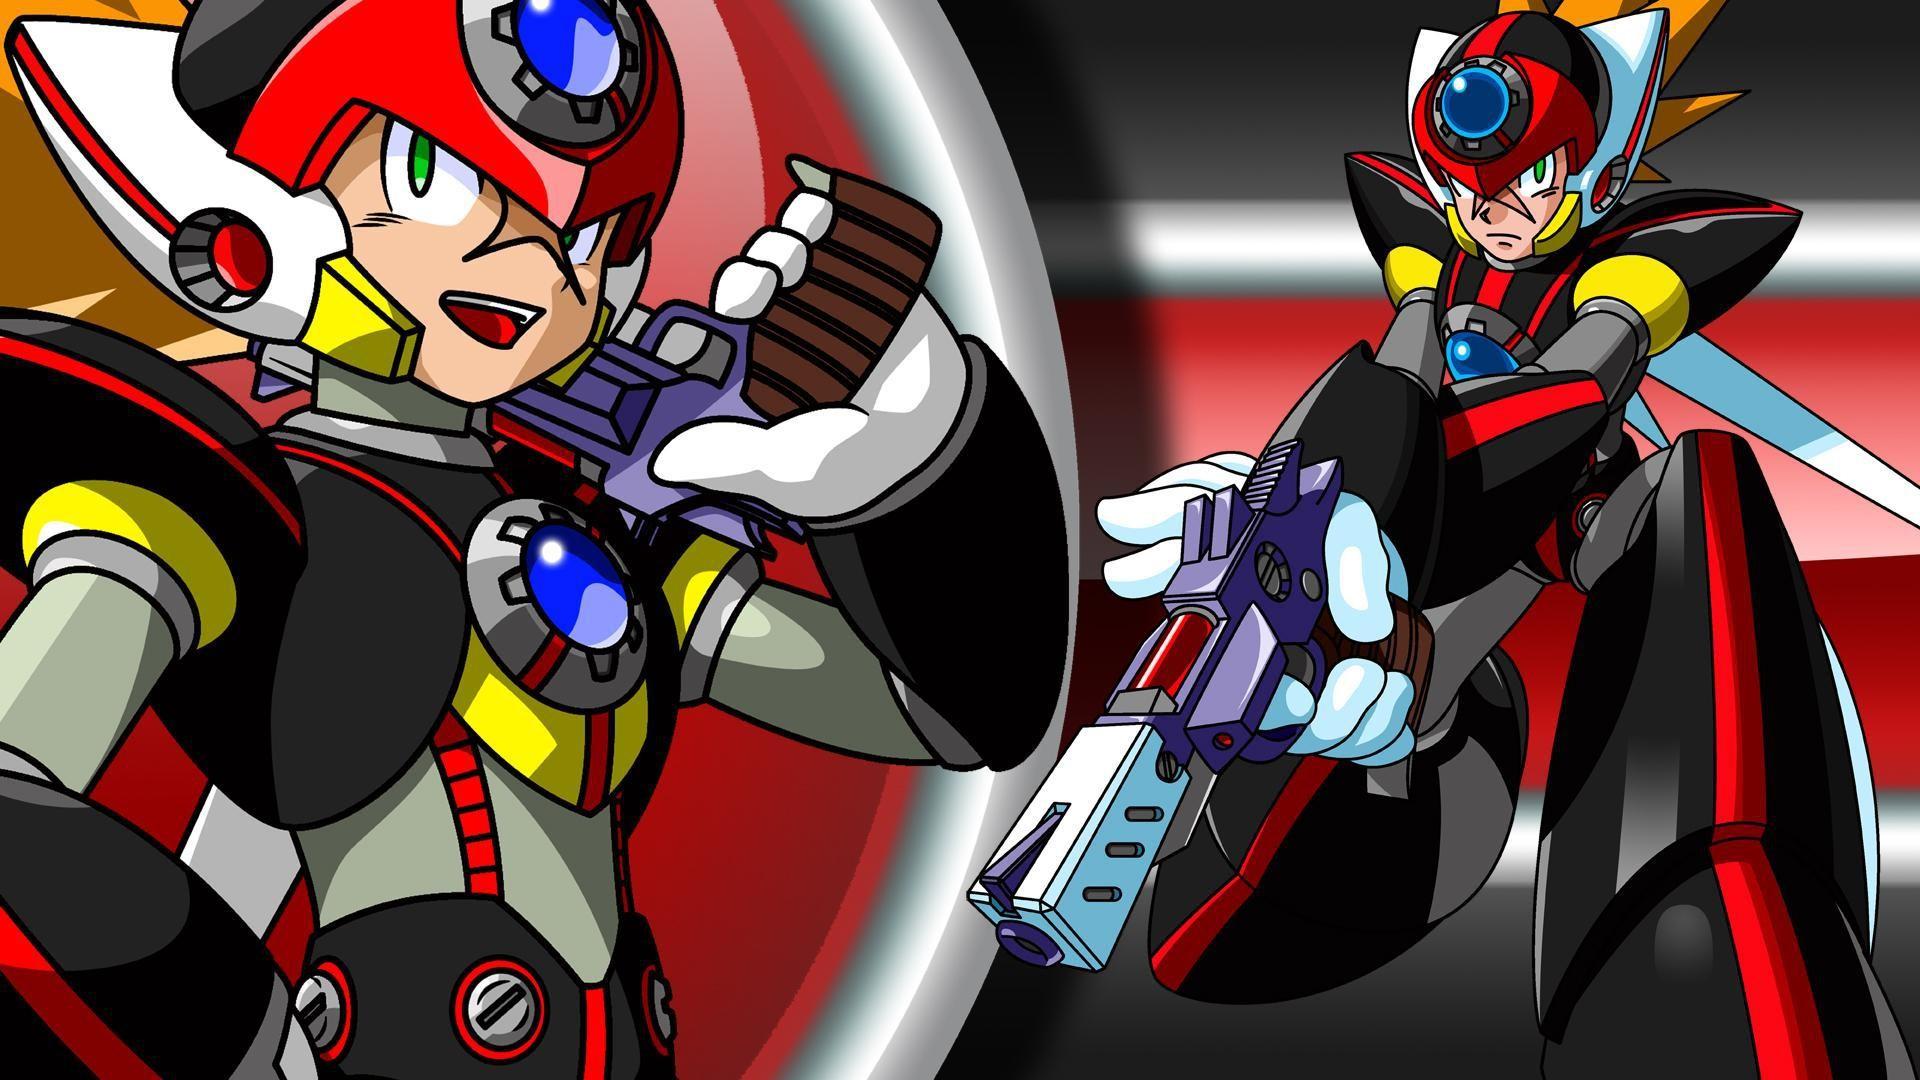 Related Wallpapers. Axl. Axl · Black Mega Man X